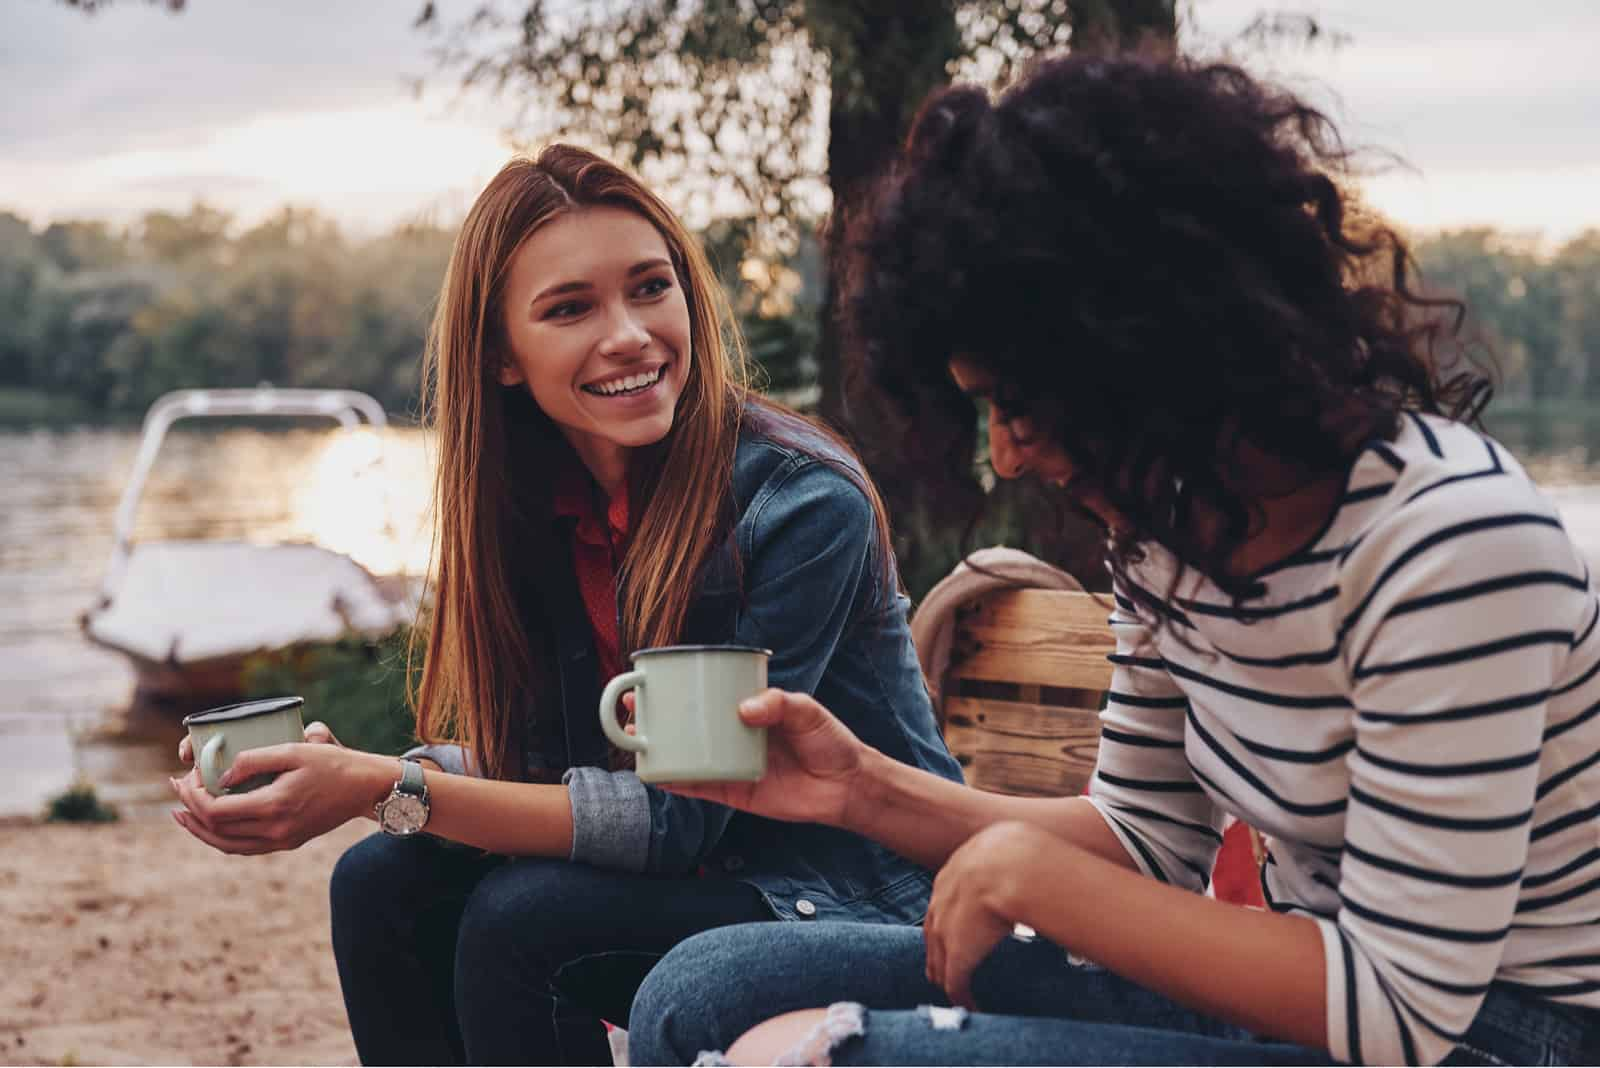 Deux amis assis à l'extérieur autour d'un café parlant